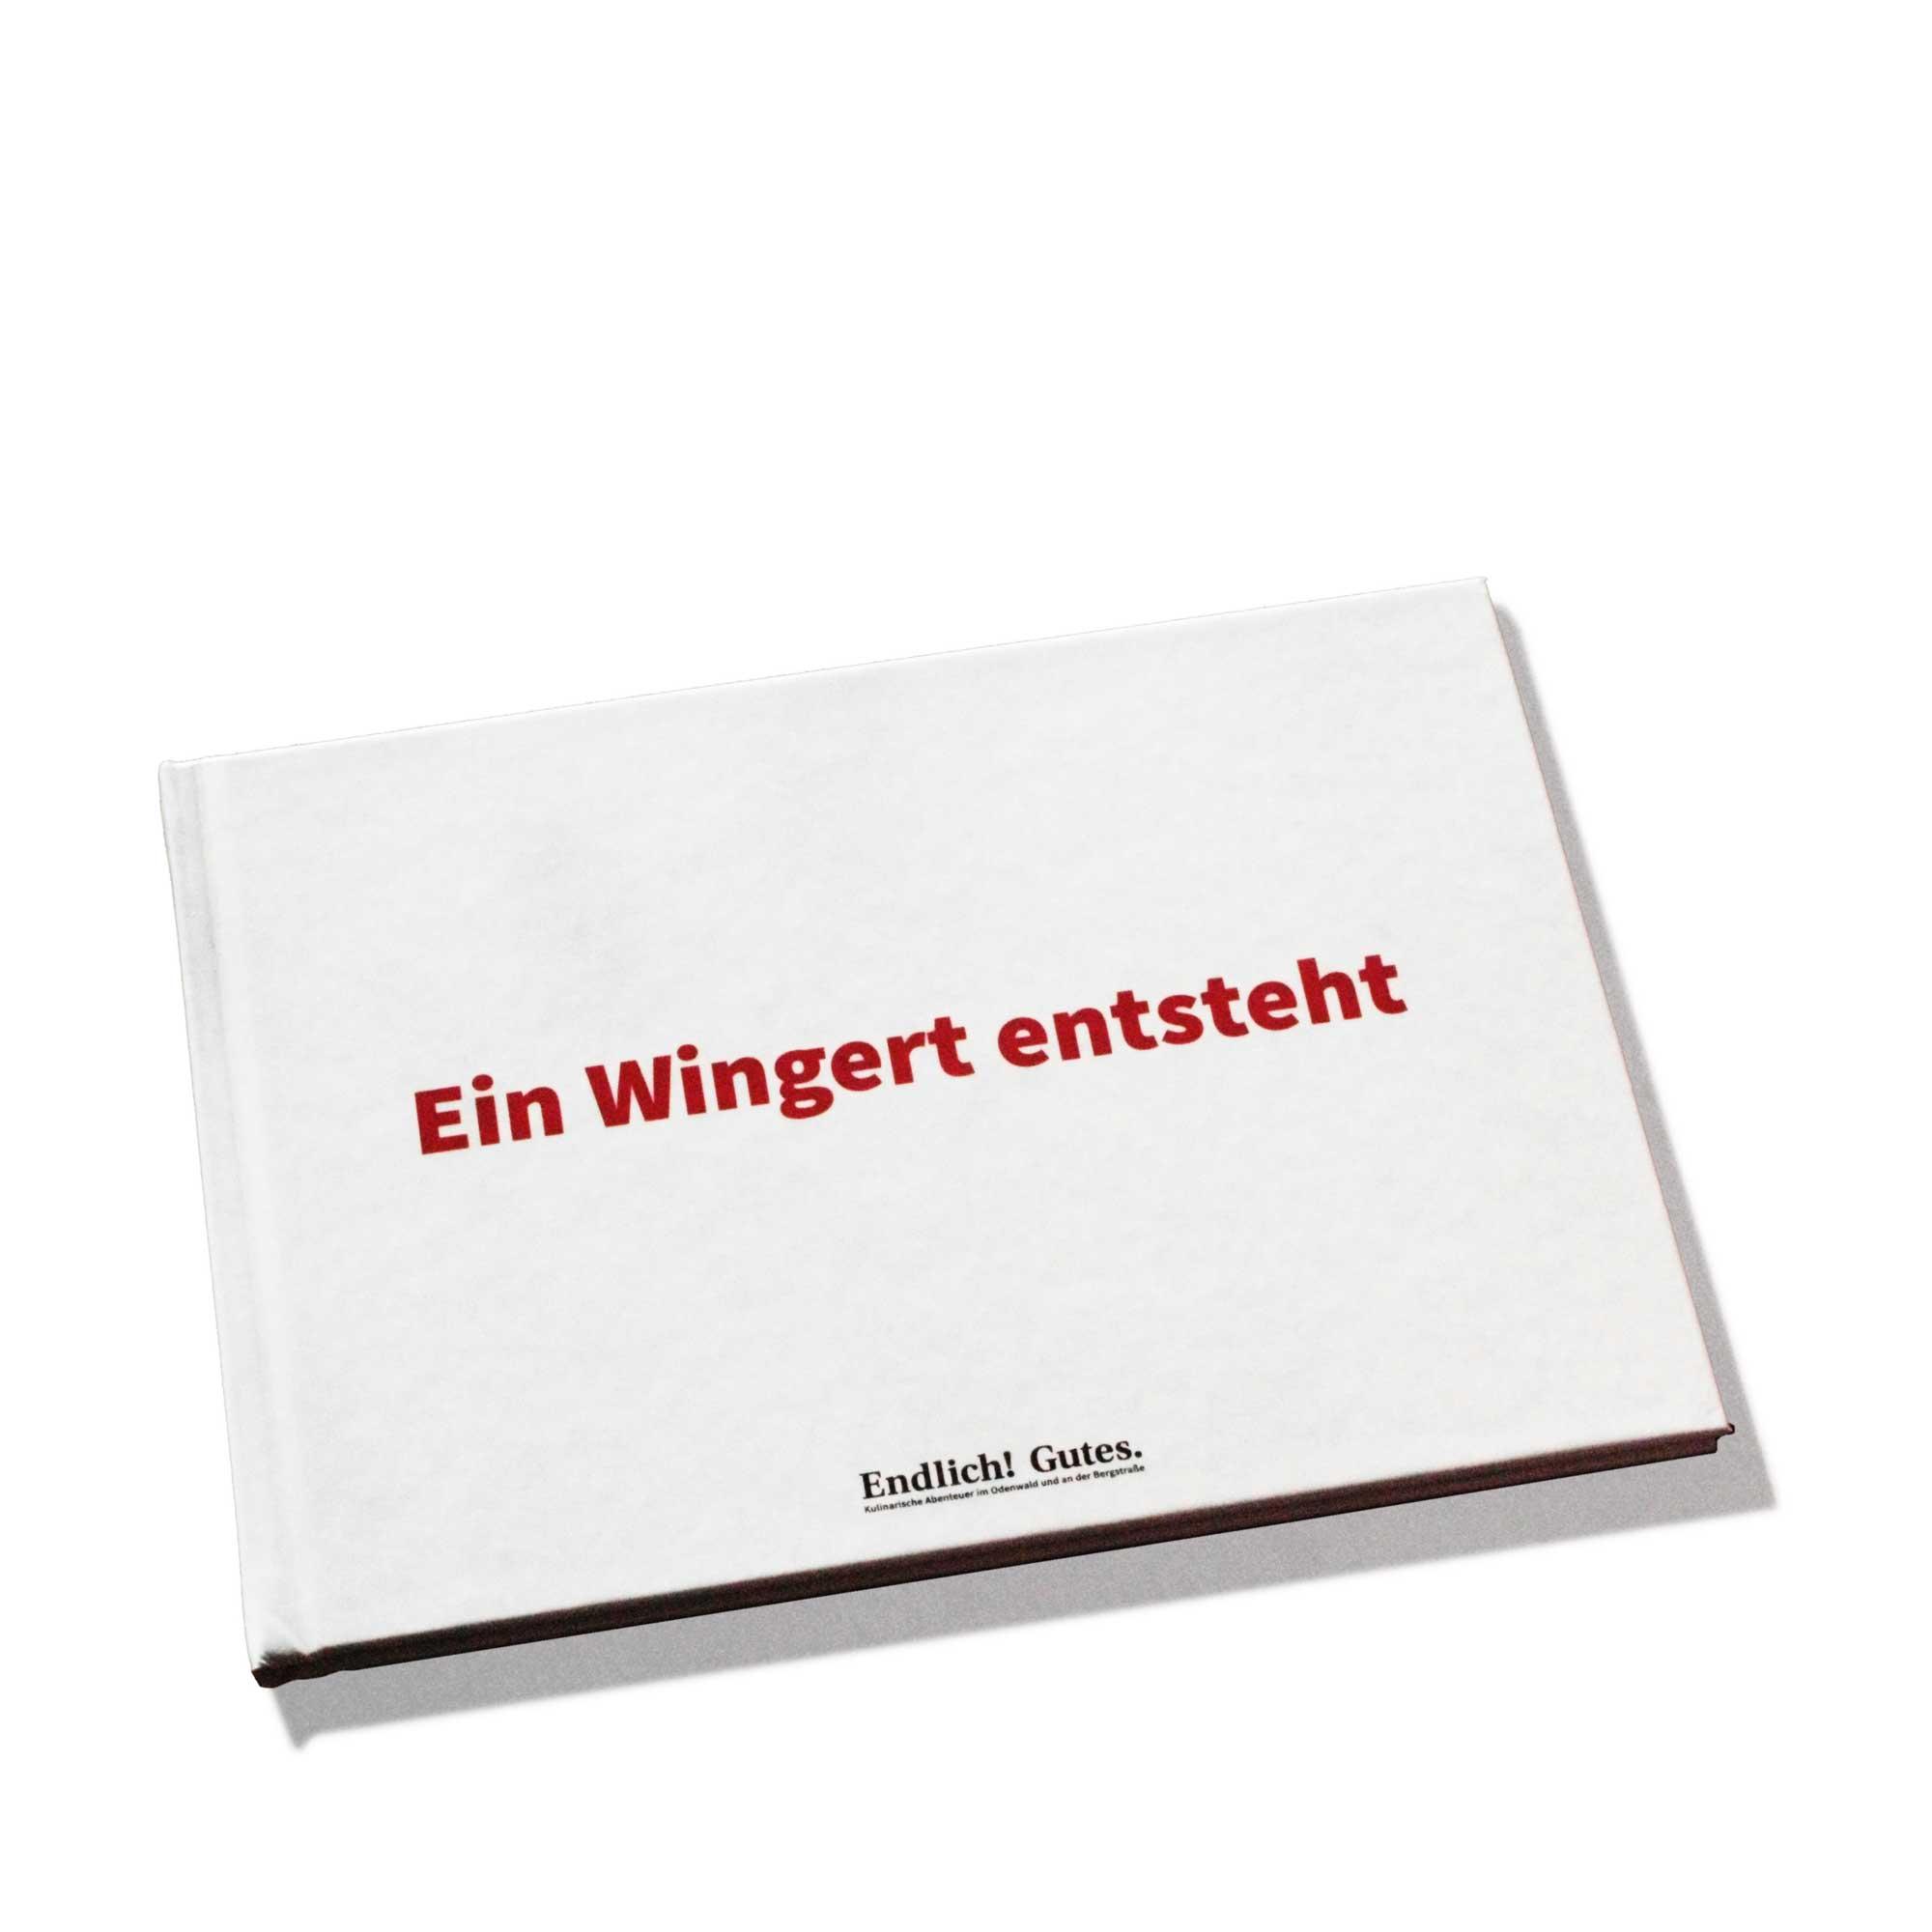 """Das Buch """"Ein Wingert entsteht"""""""